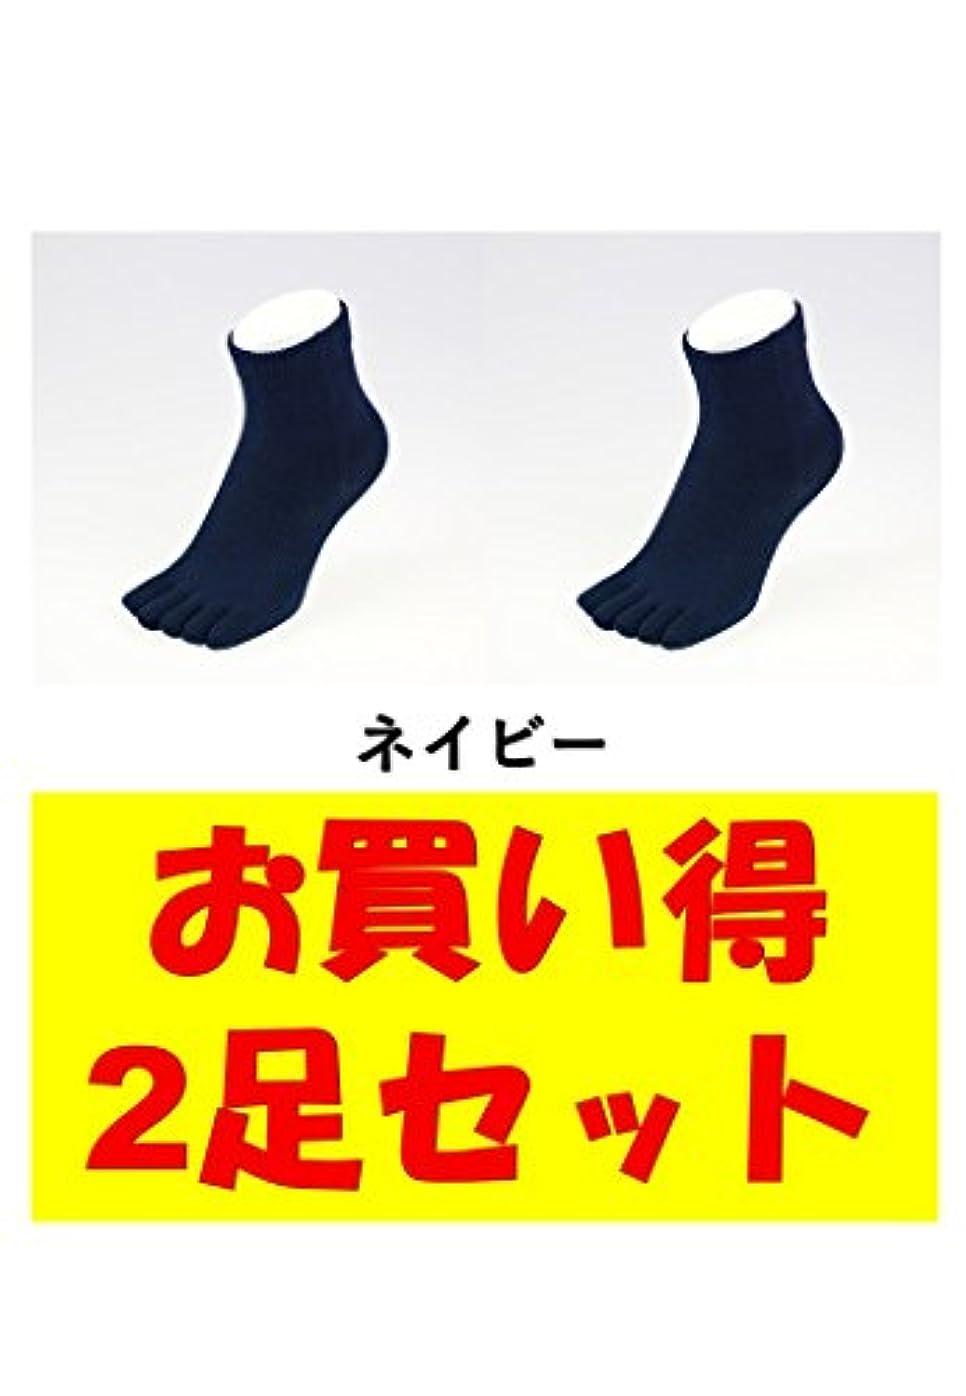 トラップテストご近所お買い得2足セット 5本指 ゆびのばソックス Neo EVE(イヴ) ネイビー iサイズ(23.5cm - 25.5cm) YSNEVE-NVY